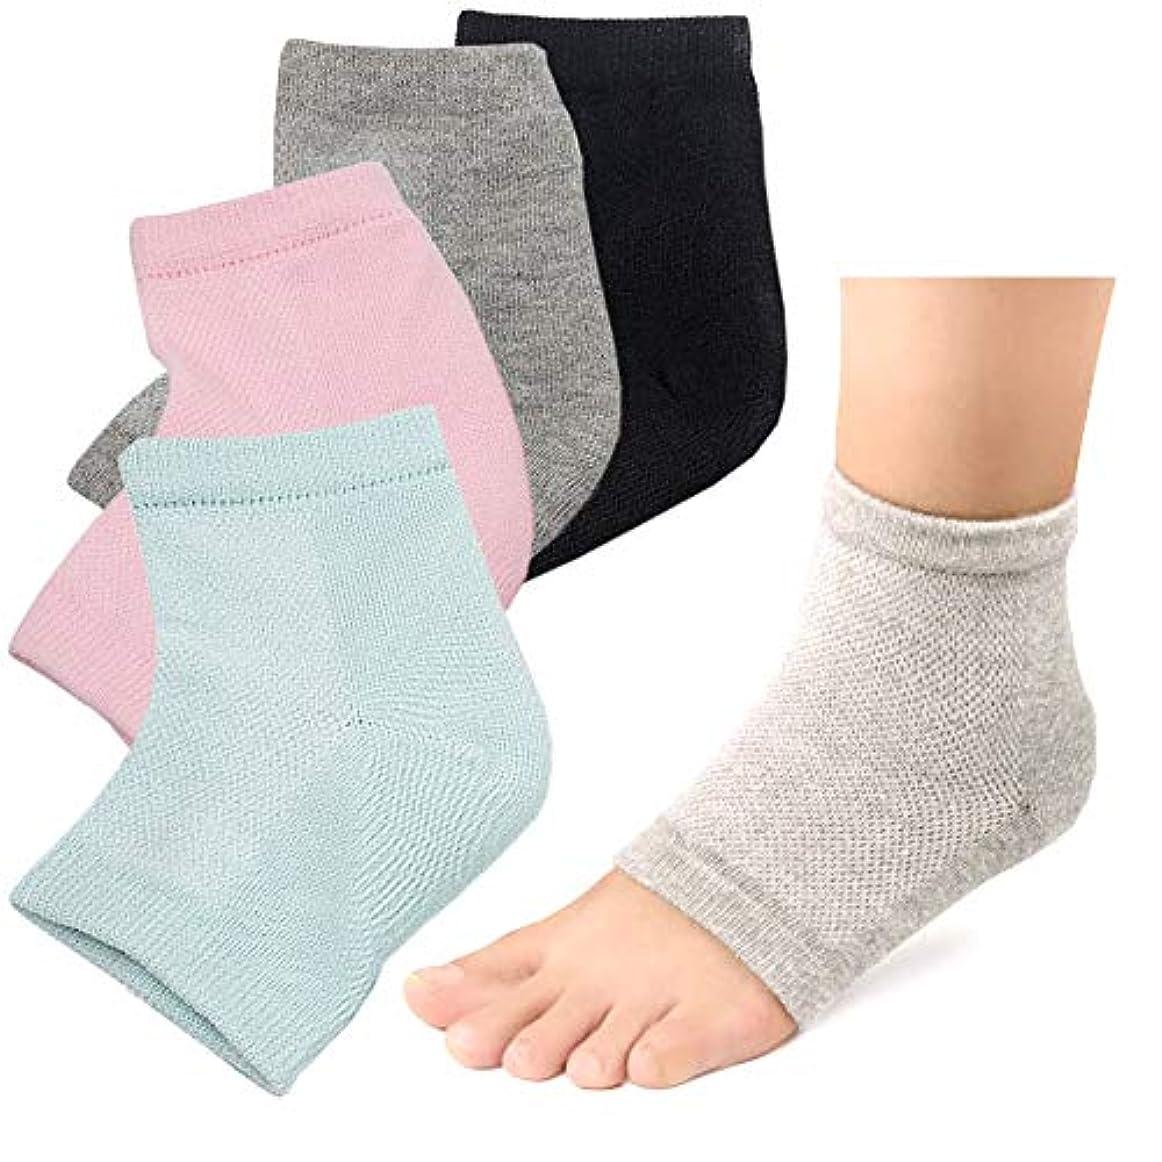 姿勢移行する比率かかと 靴下 ソックス つるつる 2足セット かかとケア かかとサポーター ひび割れ対策 角質ケア (ブラック/グレー)